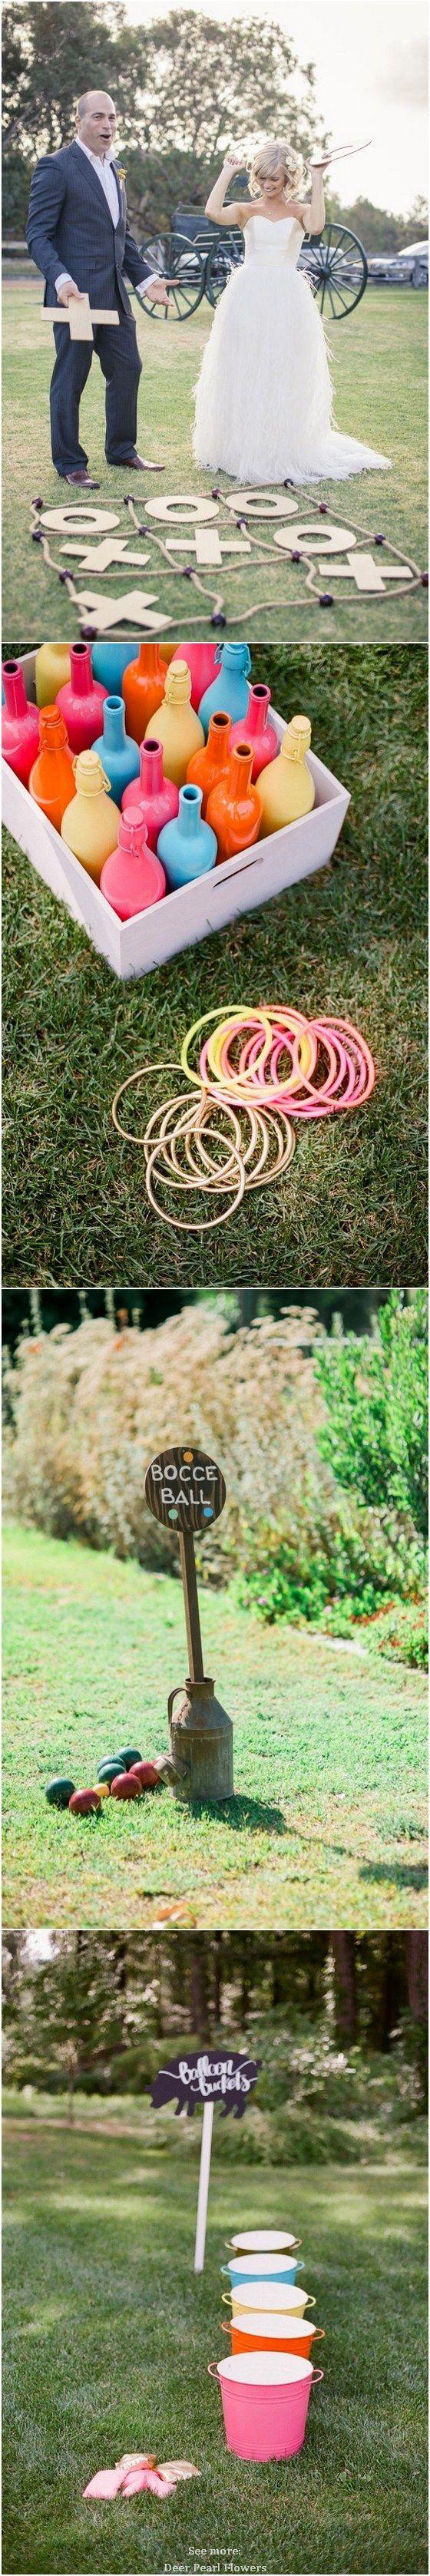 Wedding lawn decoration ideas  Outdoor Wedding Reception Lawn Game Ideas